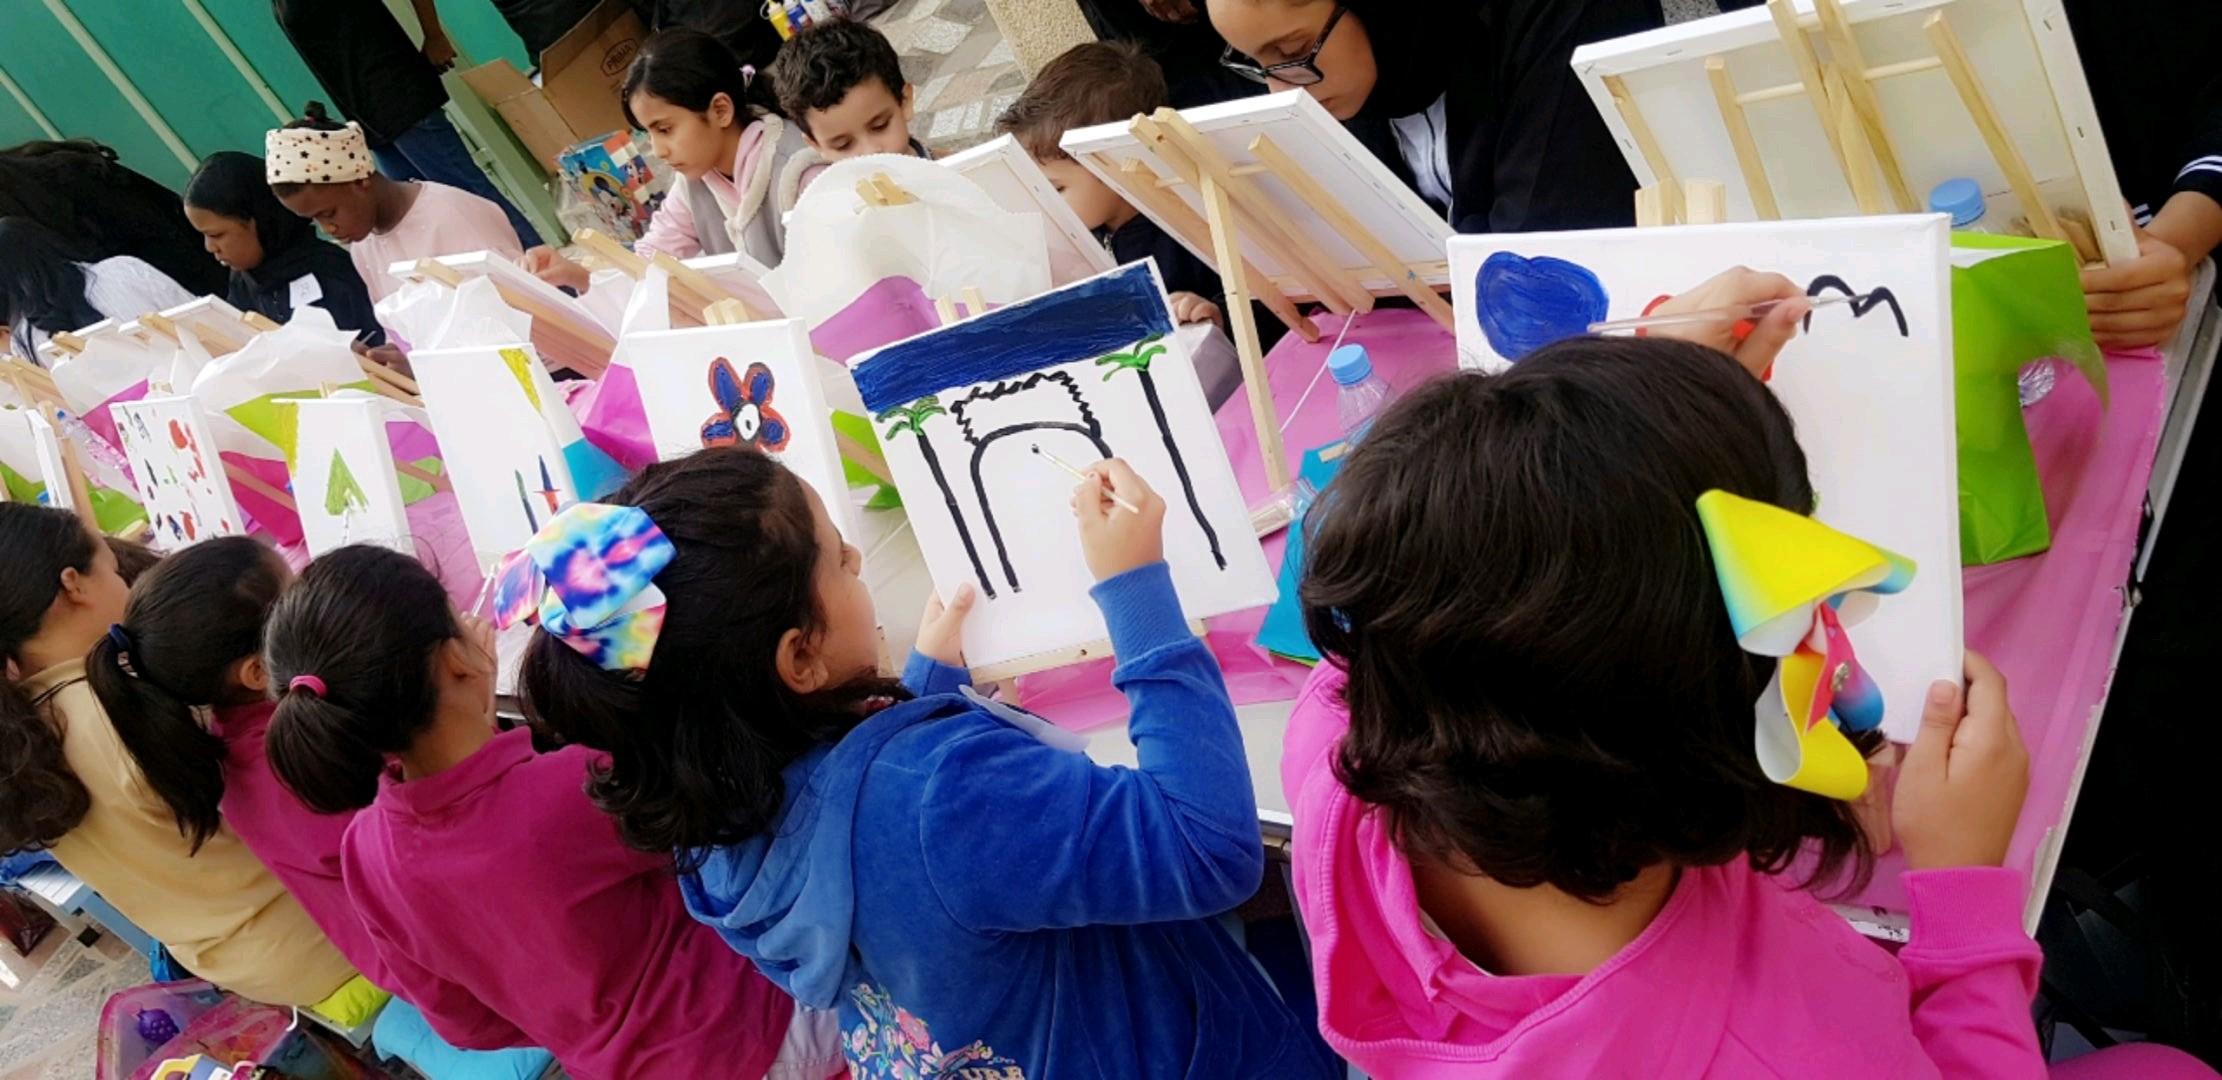 """""""إدارة الأعمال"""" تنظم برنامجًا ترفيهيًا لأطفال جمعية إنسان"""